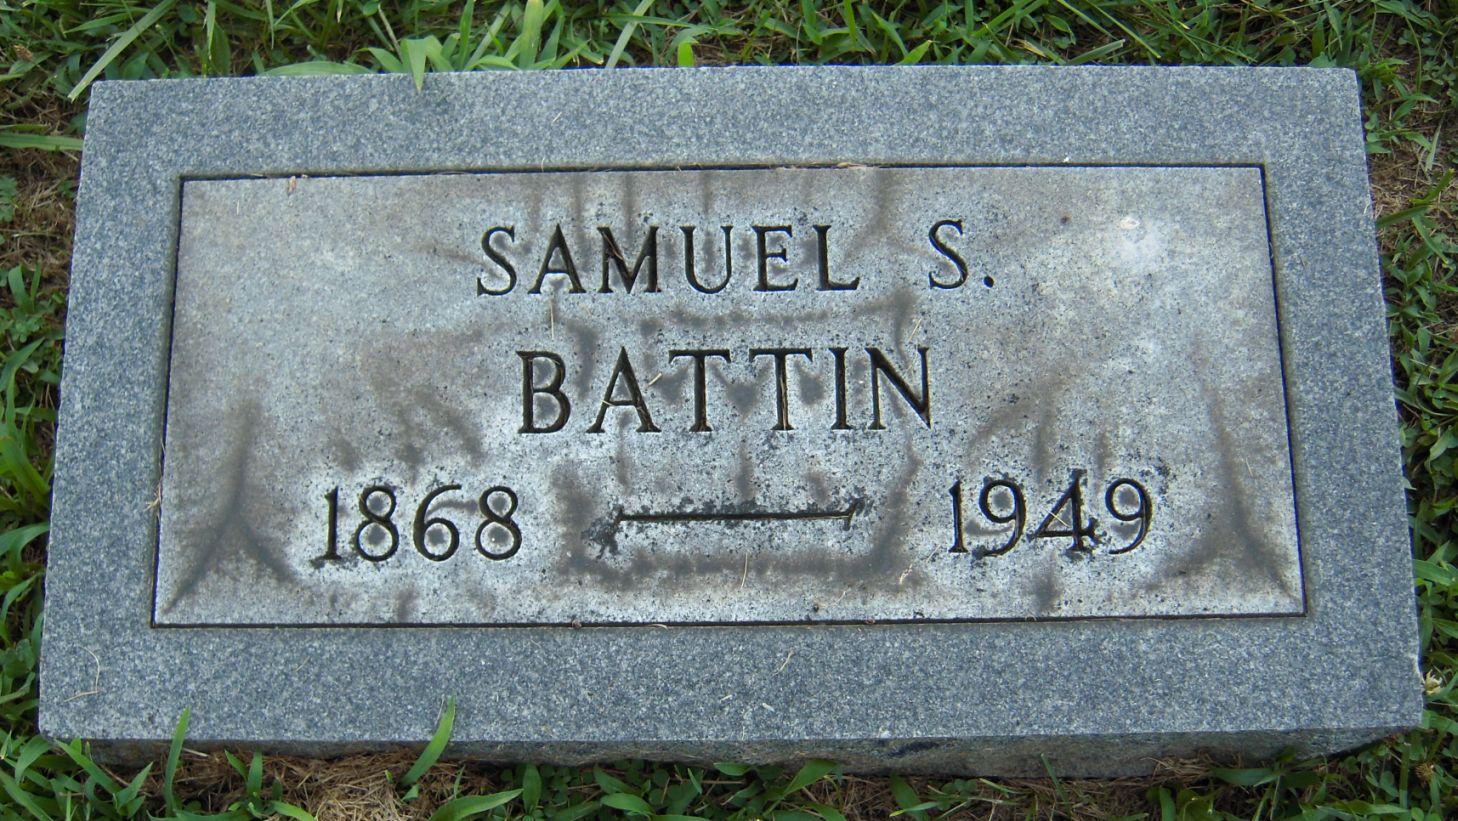 Samuel Solomon Battin